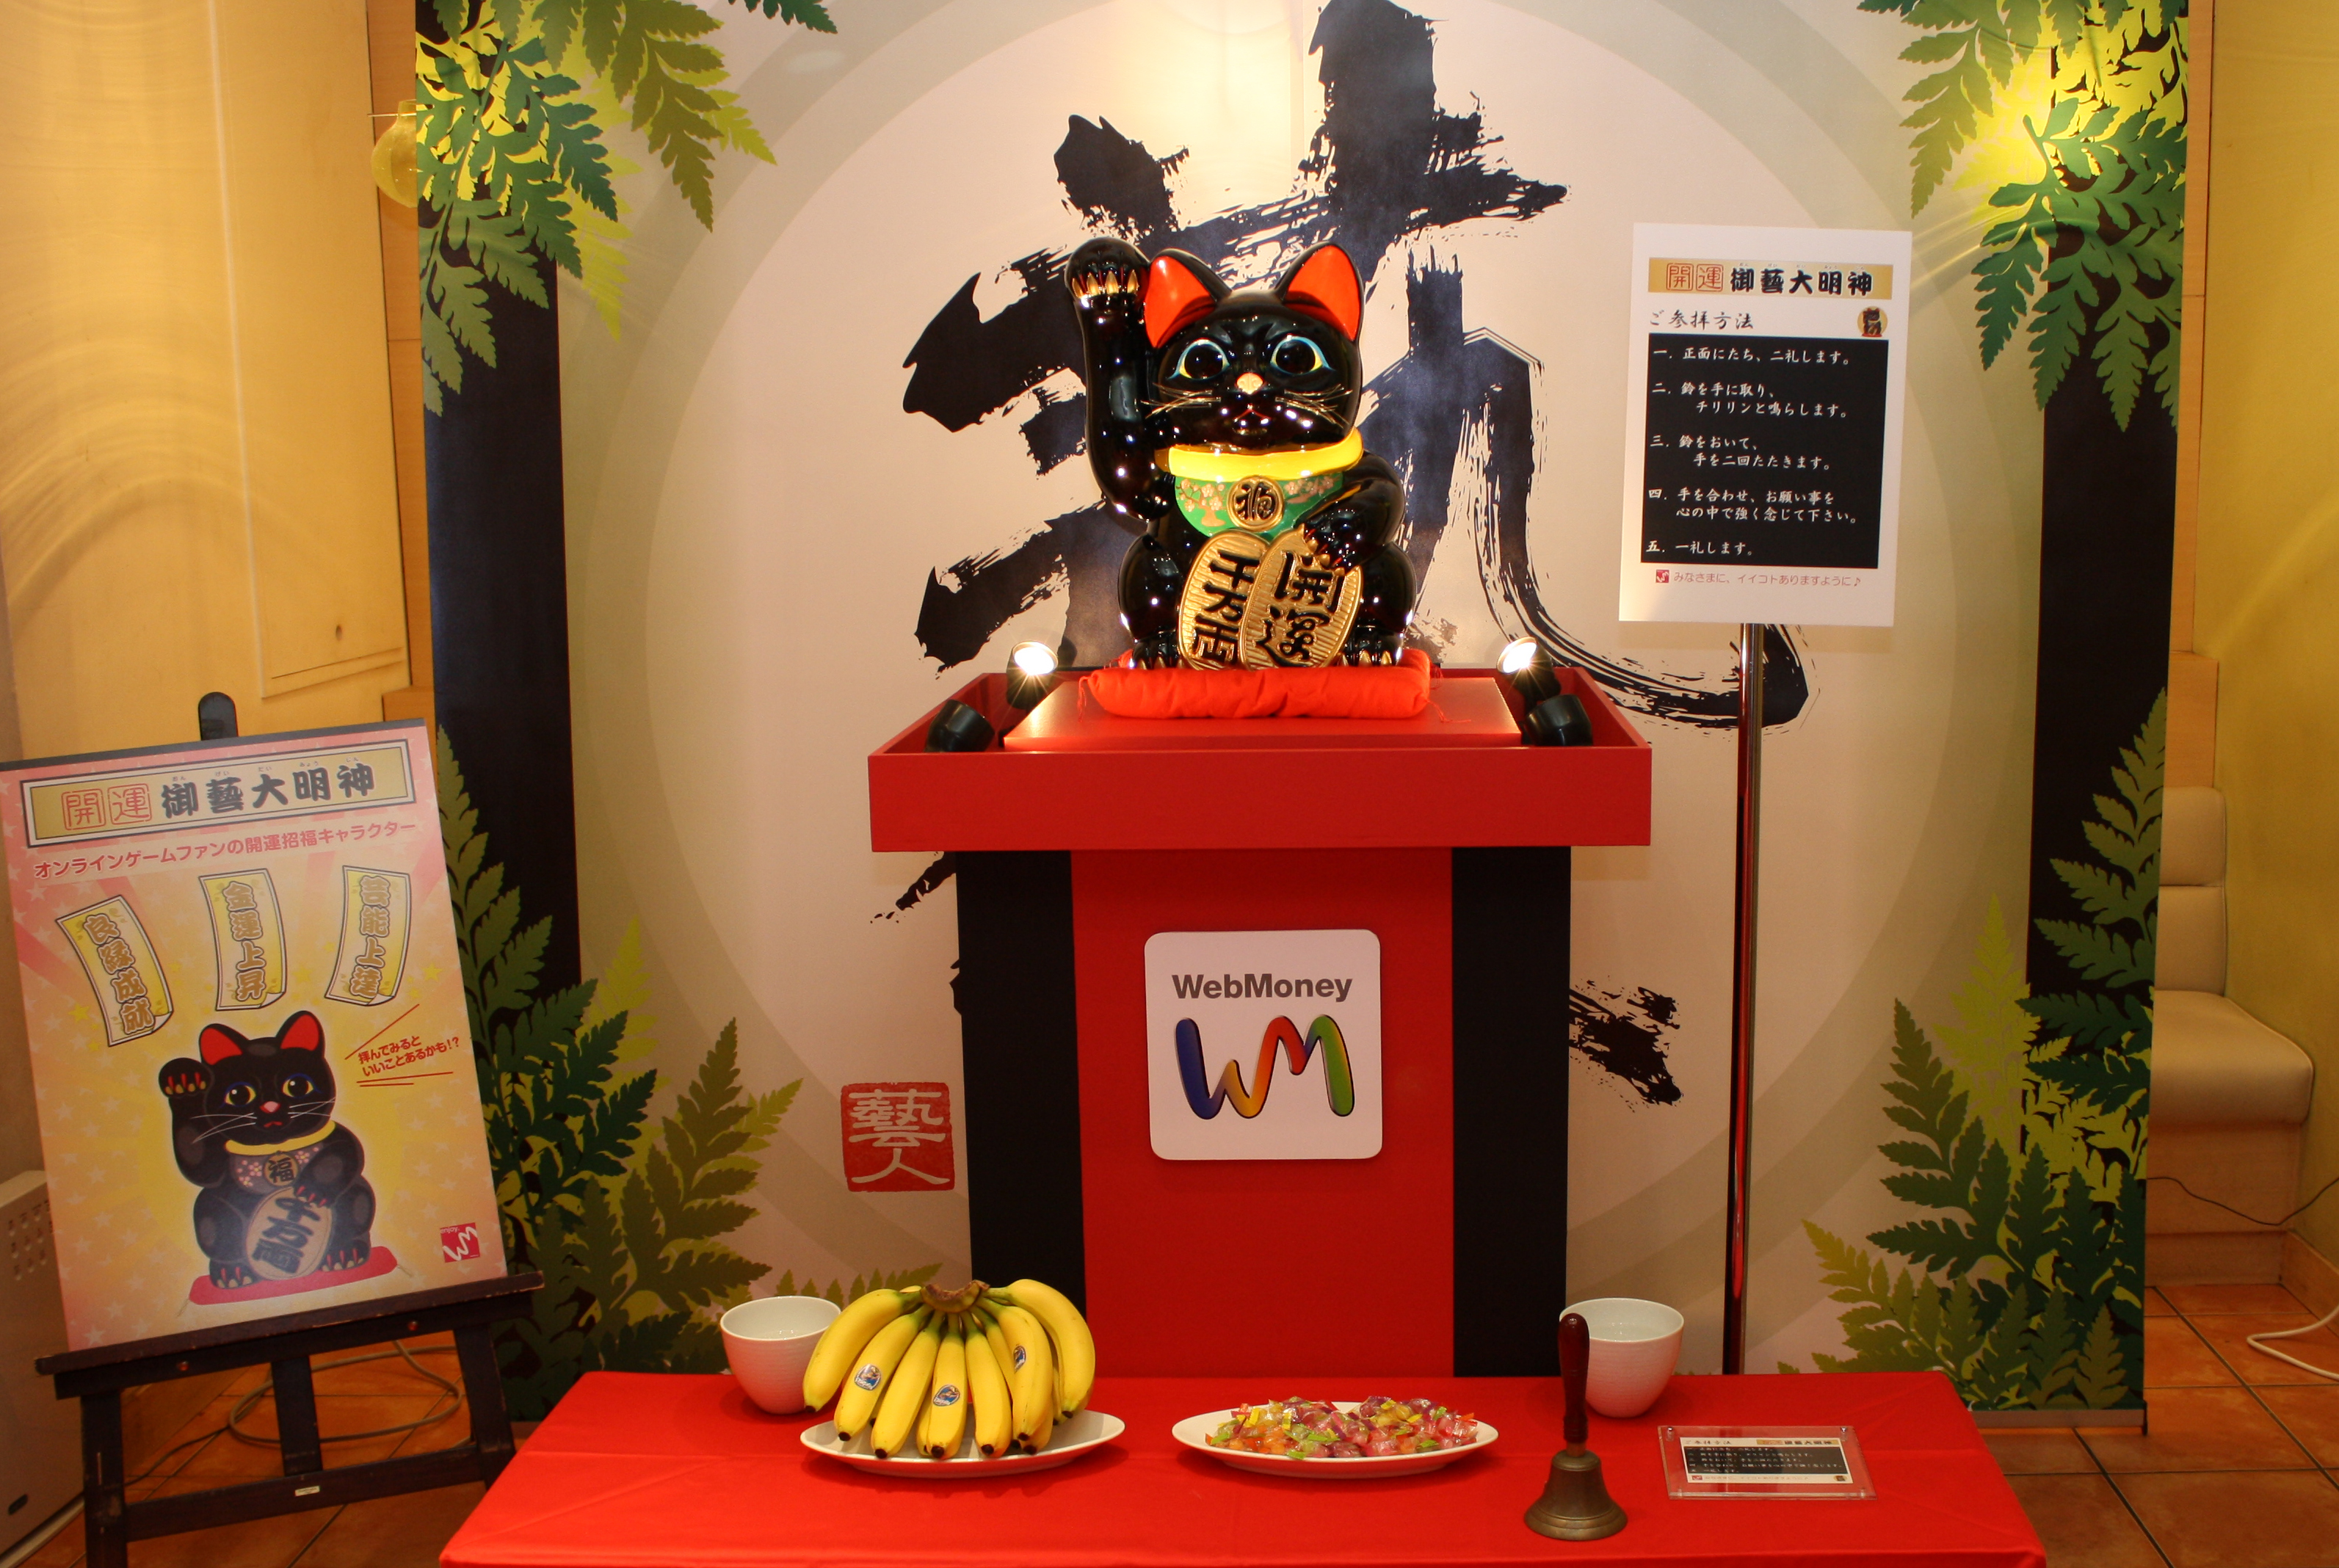 今回がお披露目となる「御藝大明神」。祭壇にはなぜかバナナが奉納されている